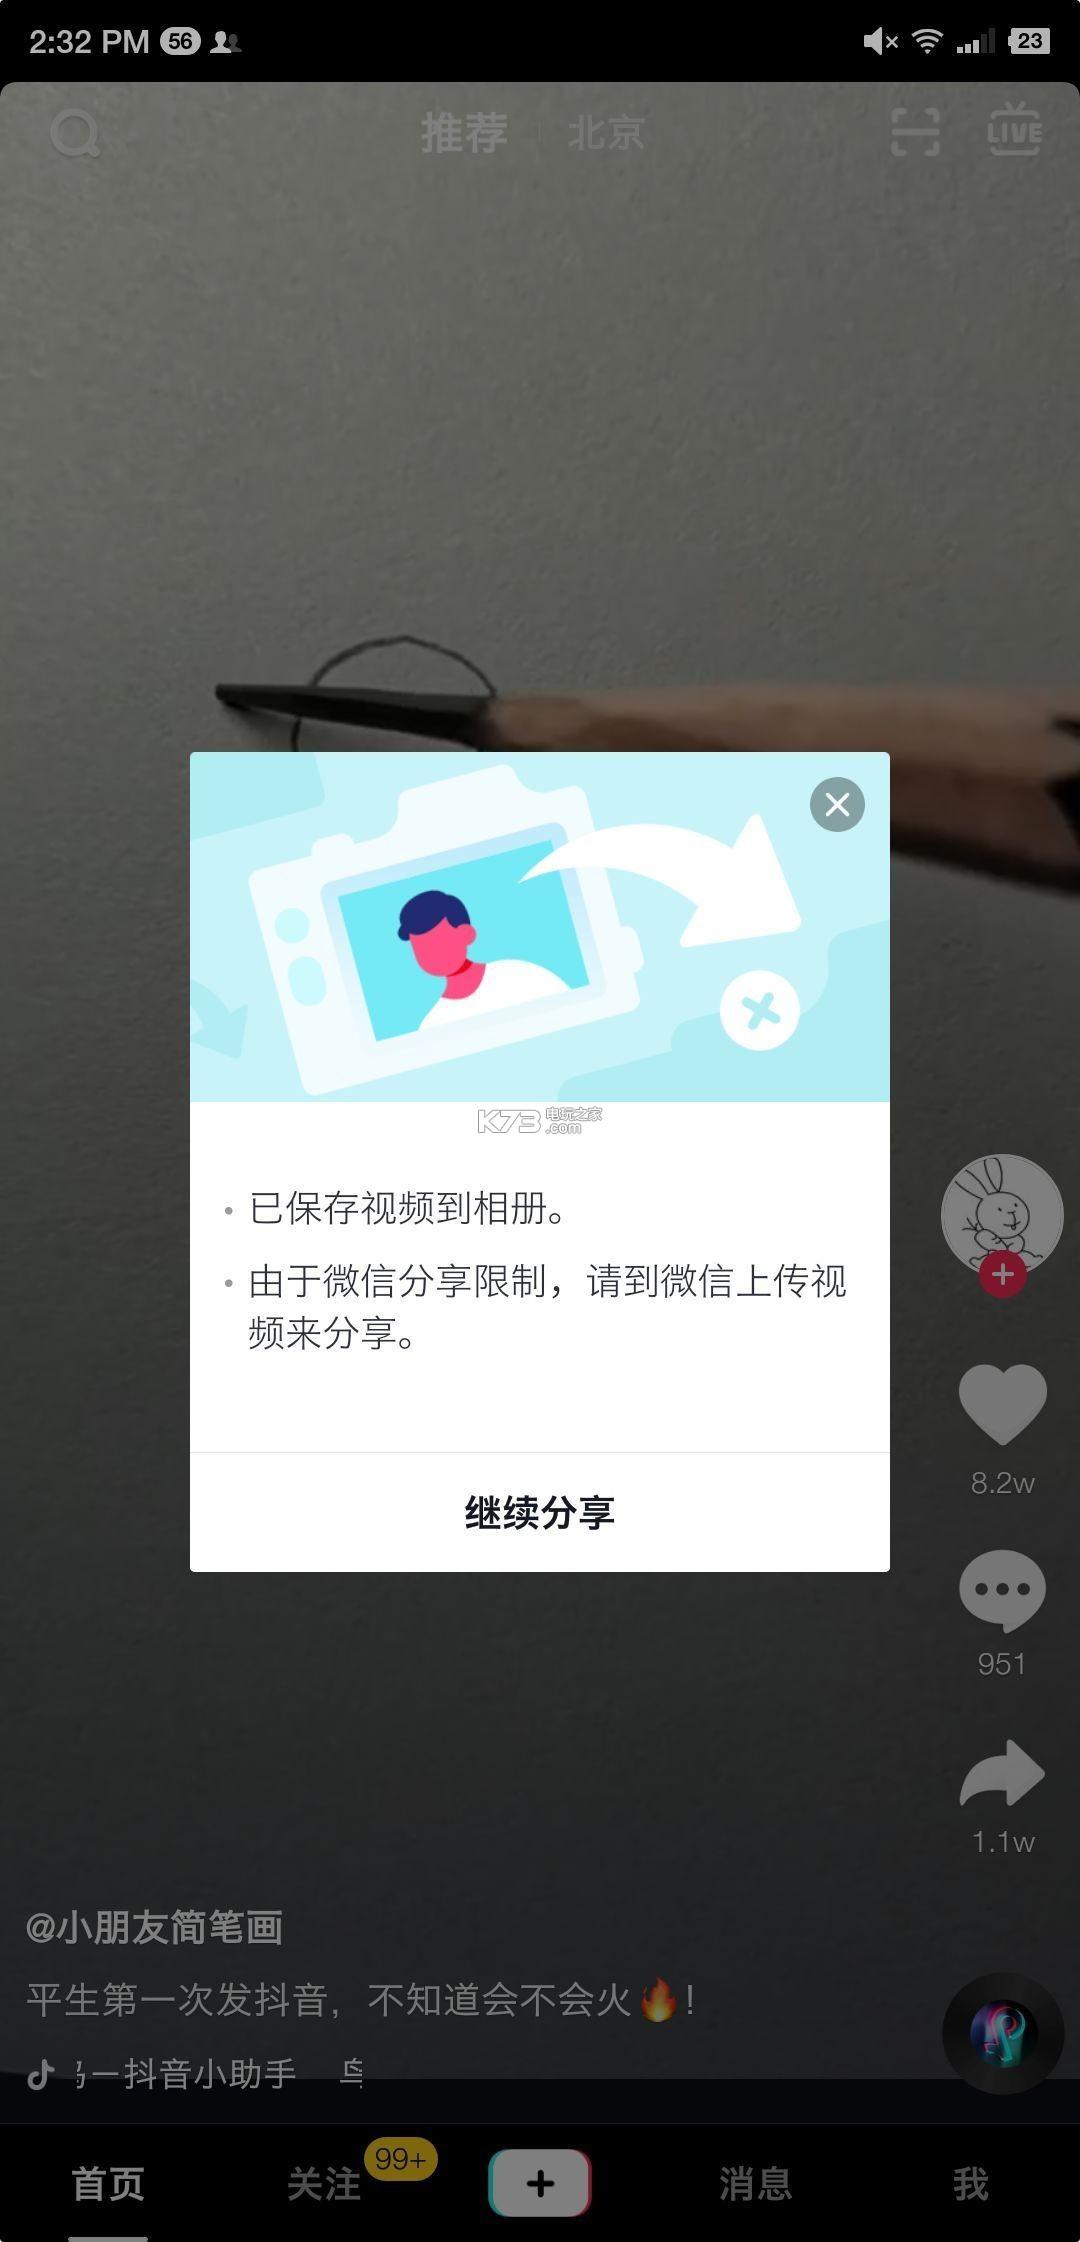 聊天宝 v1.0.2 苹果版下载 截图